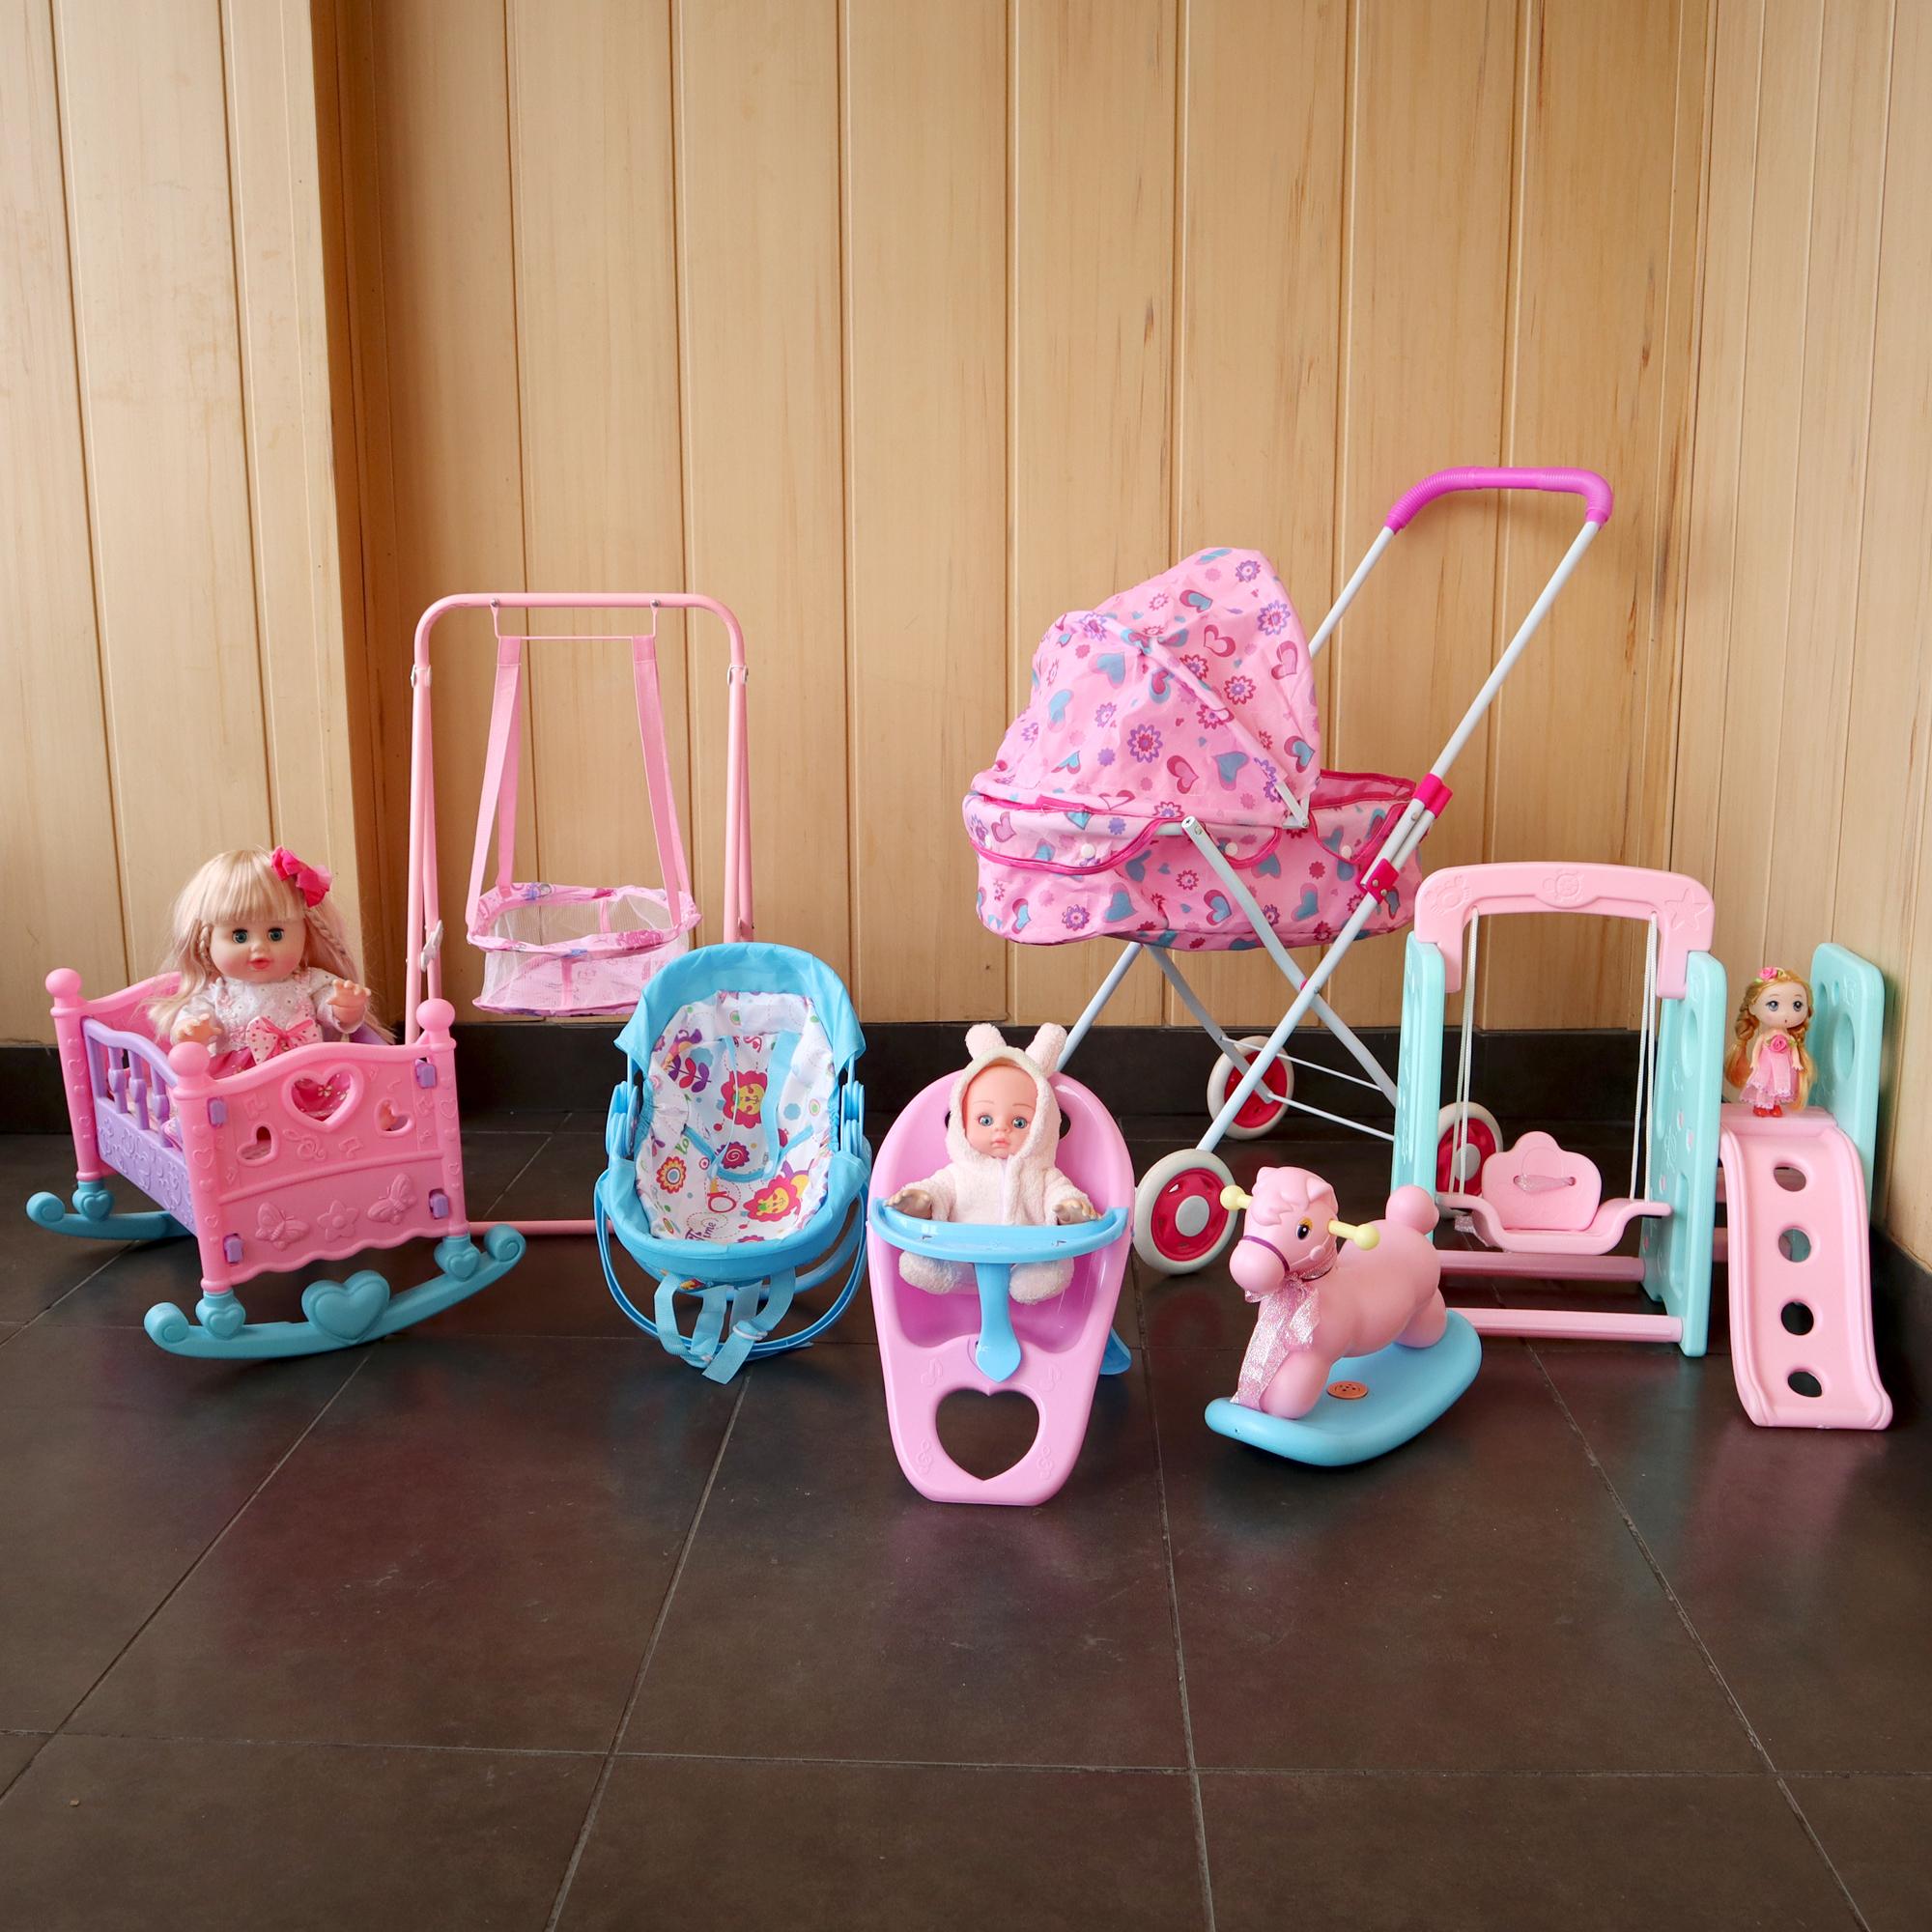 加大号儿童舞蹈玩具手推车带娃娃宝宝小推车女孩仿真过家家摇篮床